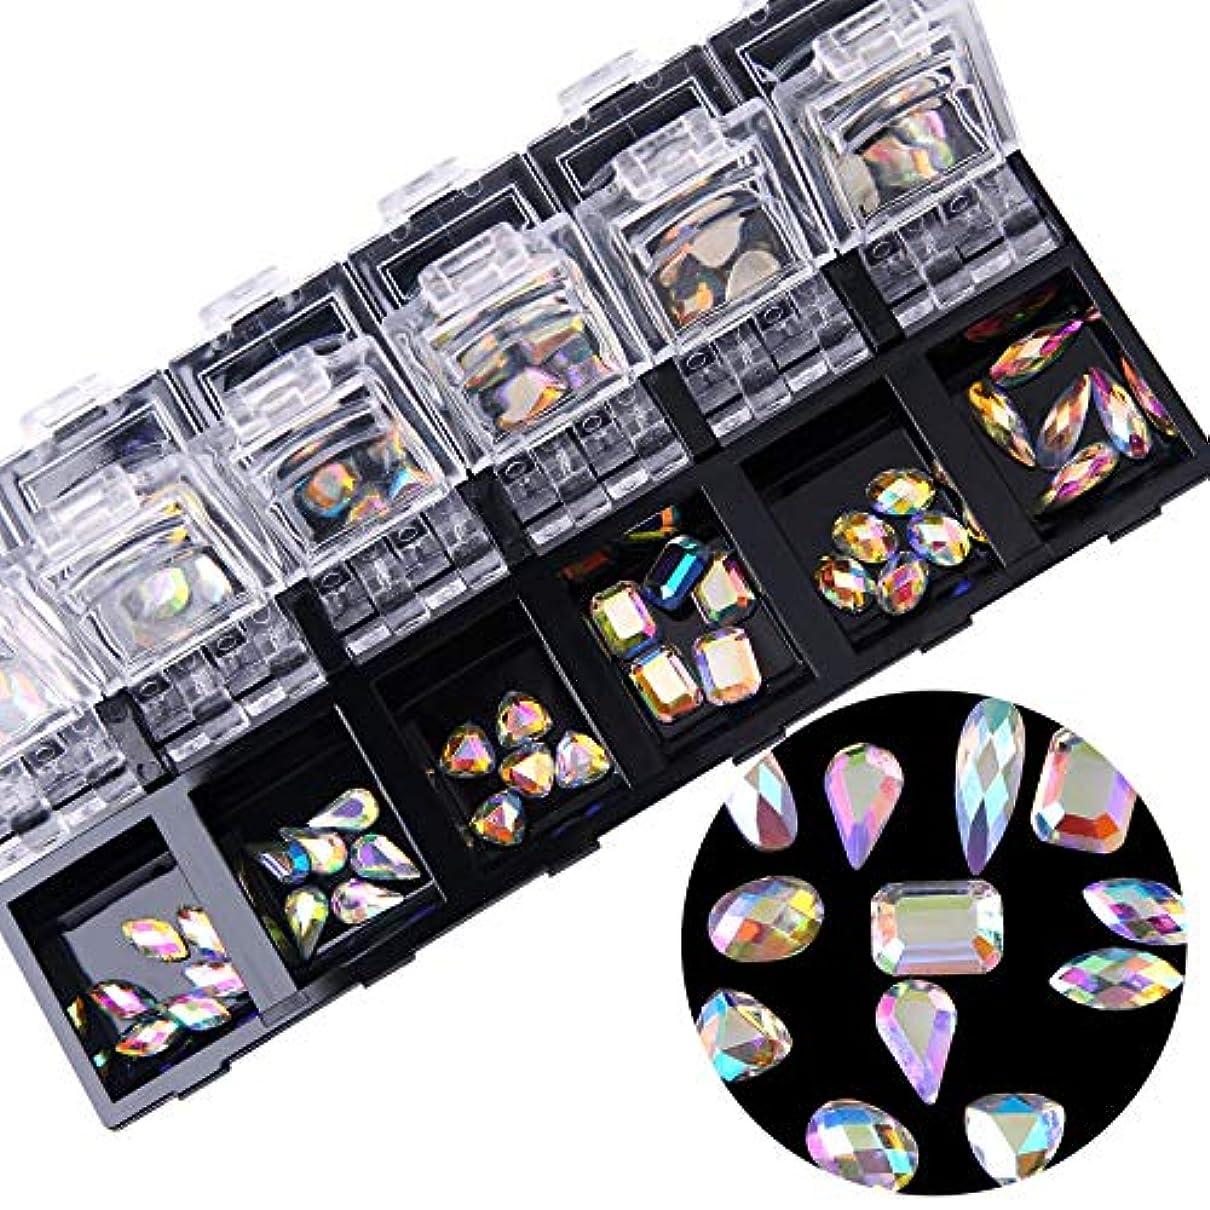 ロードされたロバ発疹1ボックスシルバーフラットバックネイルアートホログラフィックラインストーンジュエリーabクリスタルダイヤモンドジェルのヒントデコレーションケース